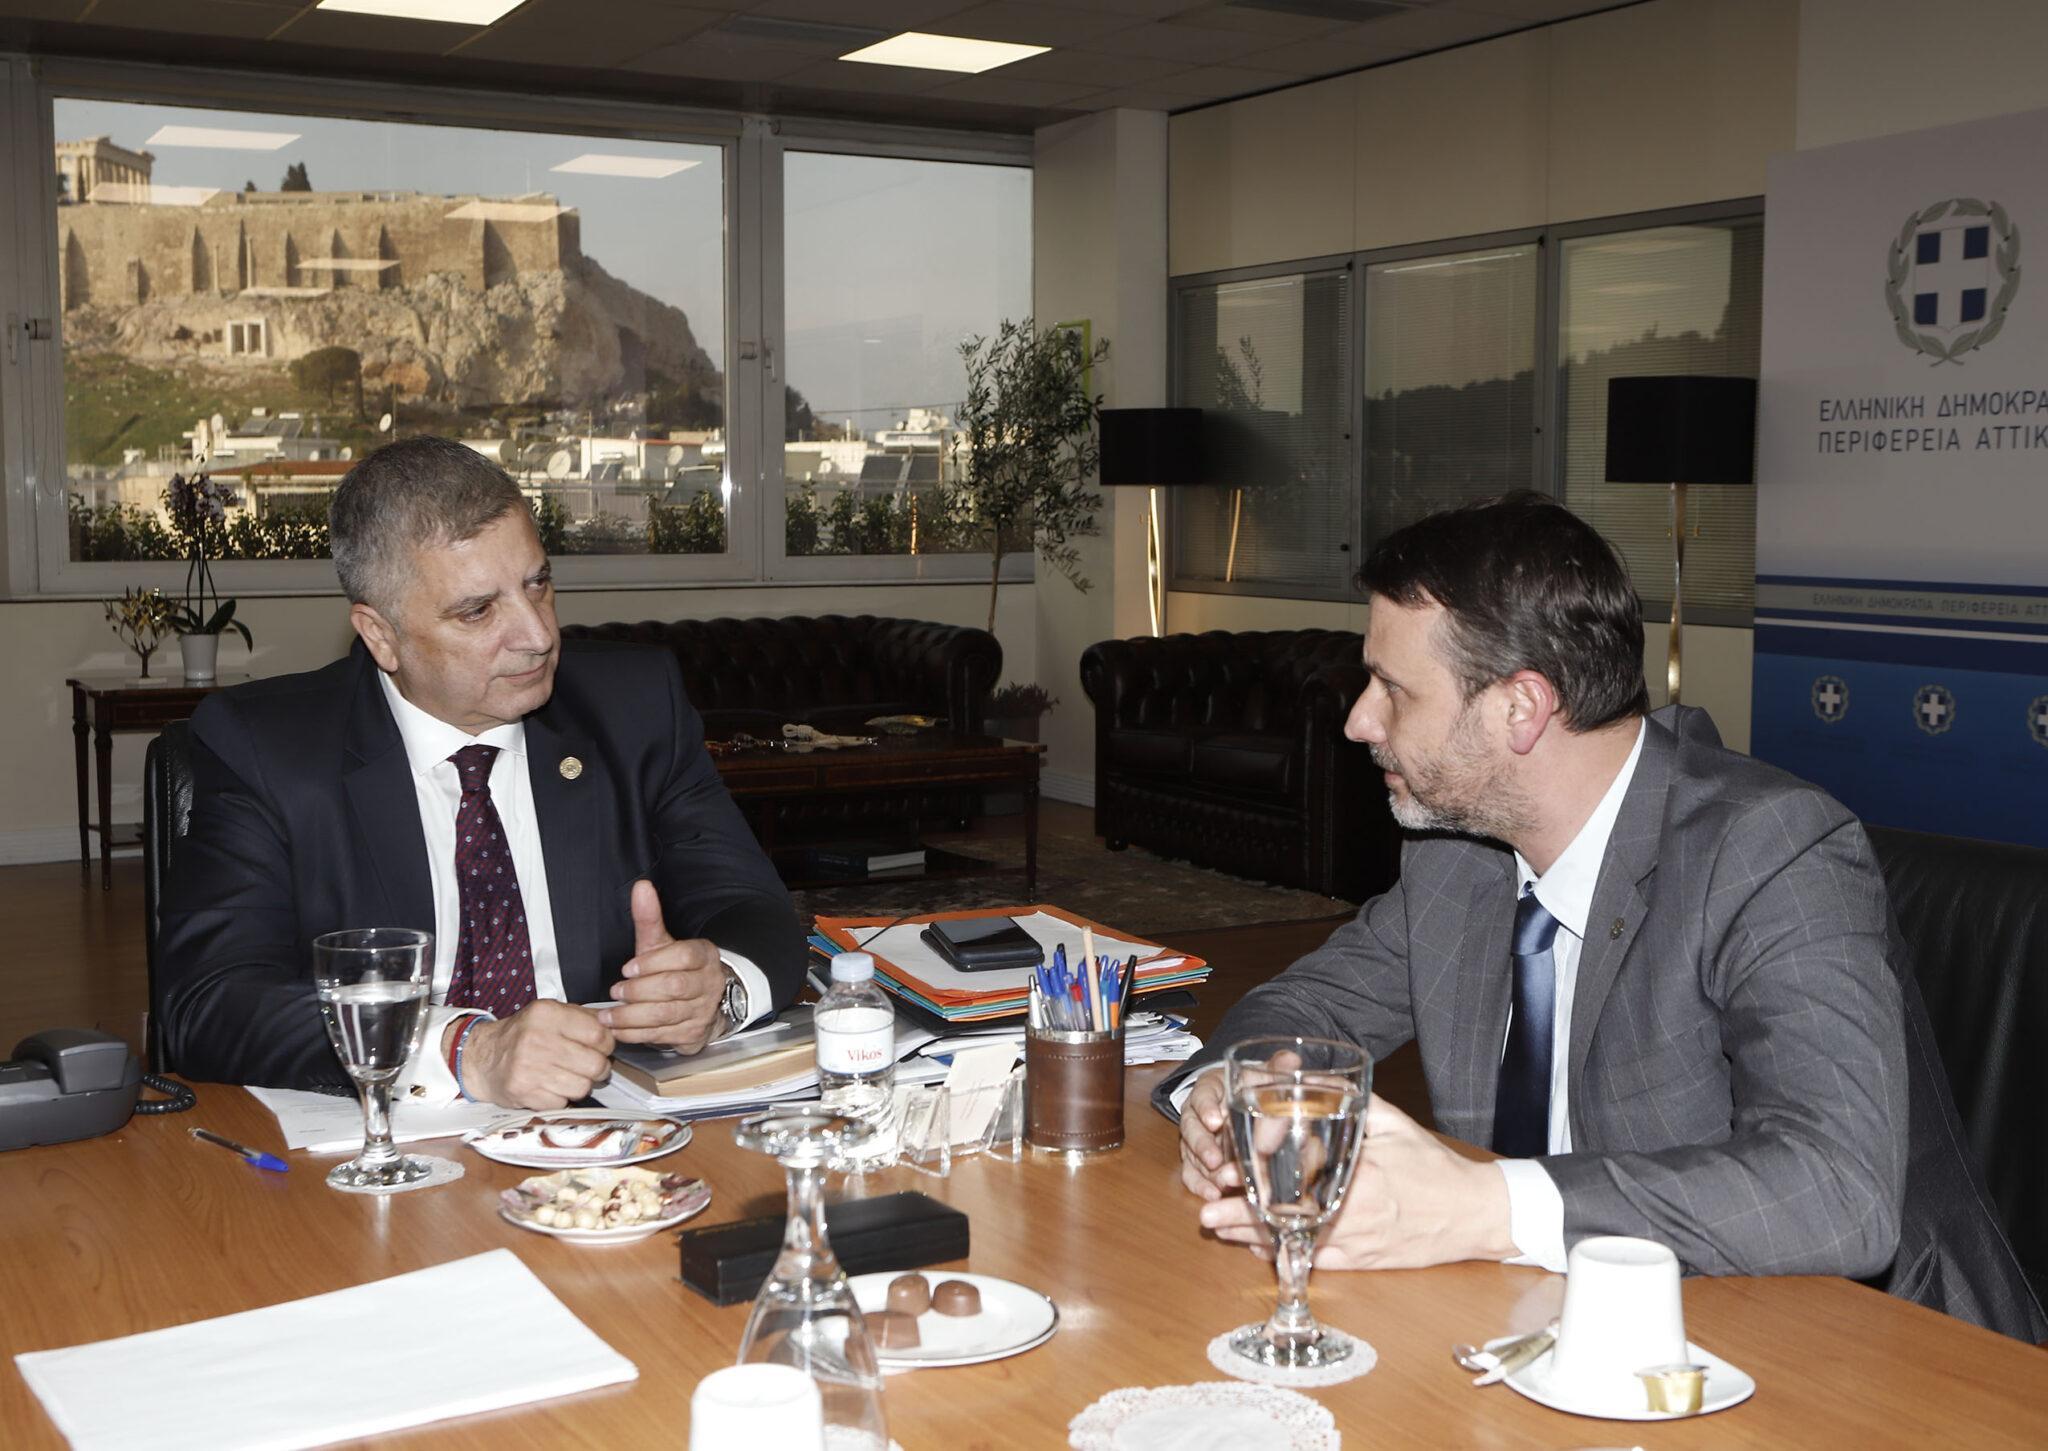 Περιφέρεια Αττικής: Χρηματοδότηση ύψους 2 εκατ. για έργα οδοποιίας στον δήμο Σαλαμίνας